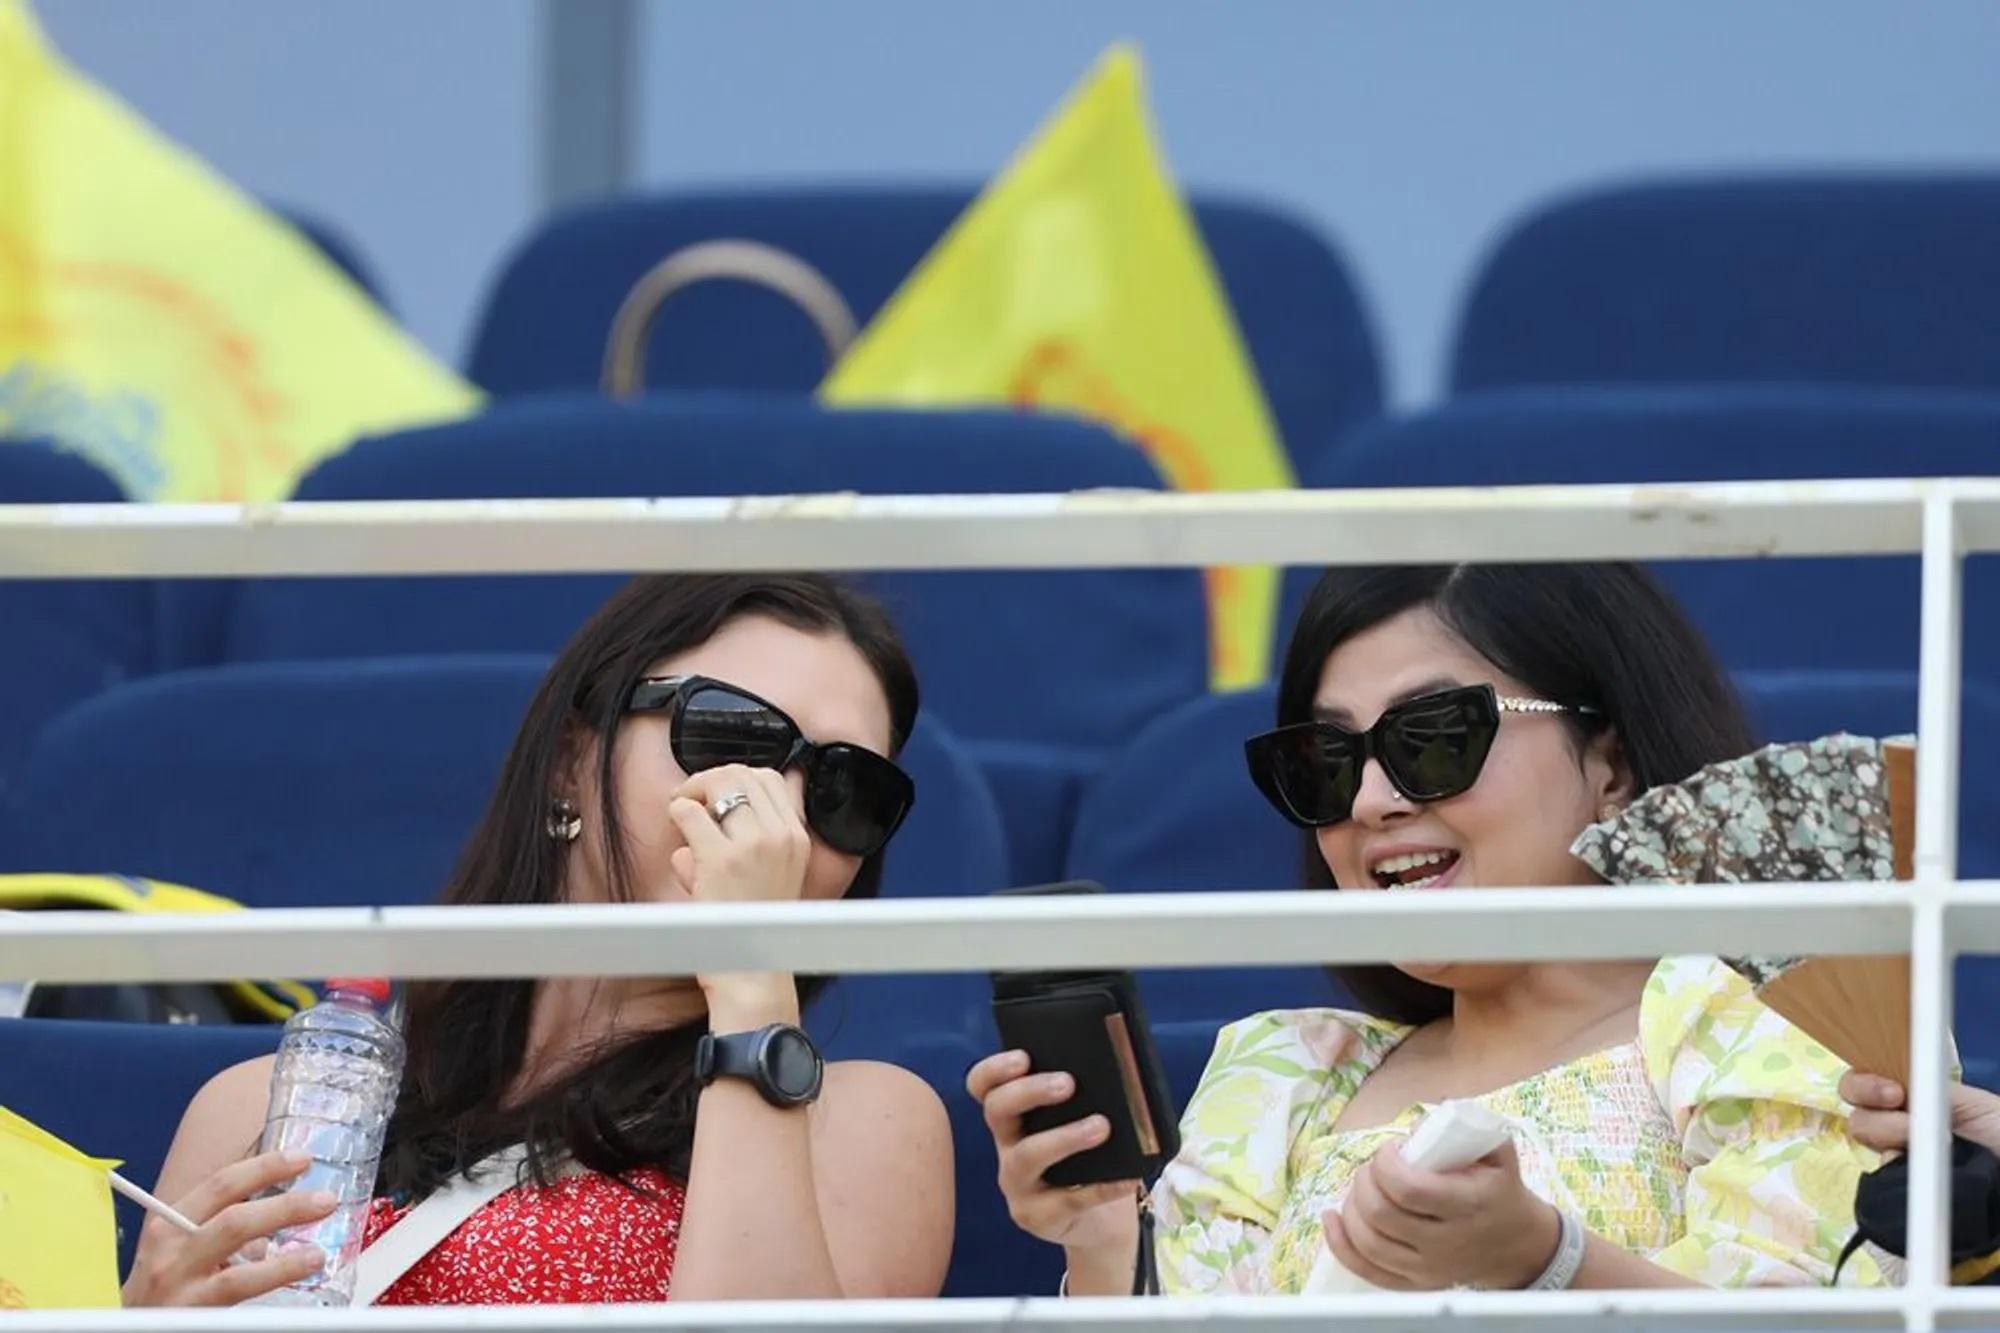 साक्षी धोनी भी मैच का लुत्फ लेते देखी गईं।